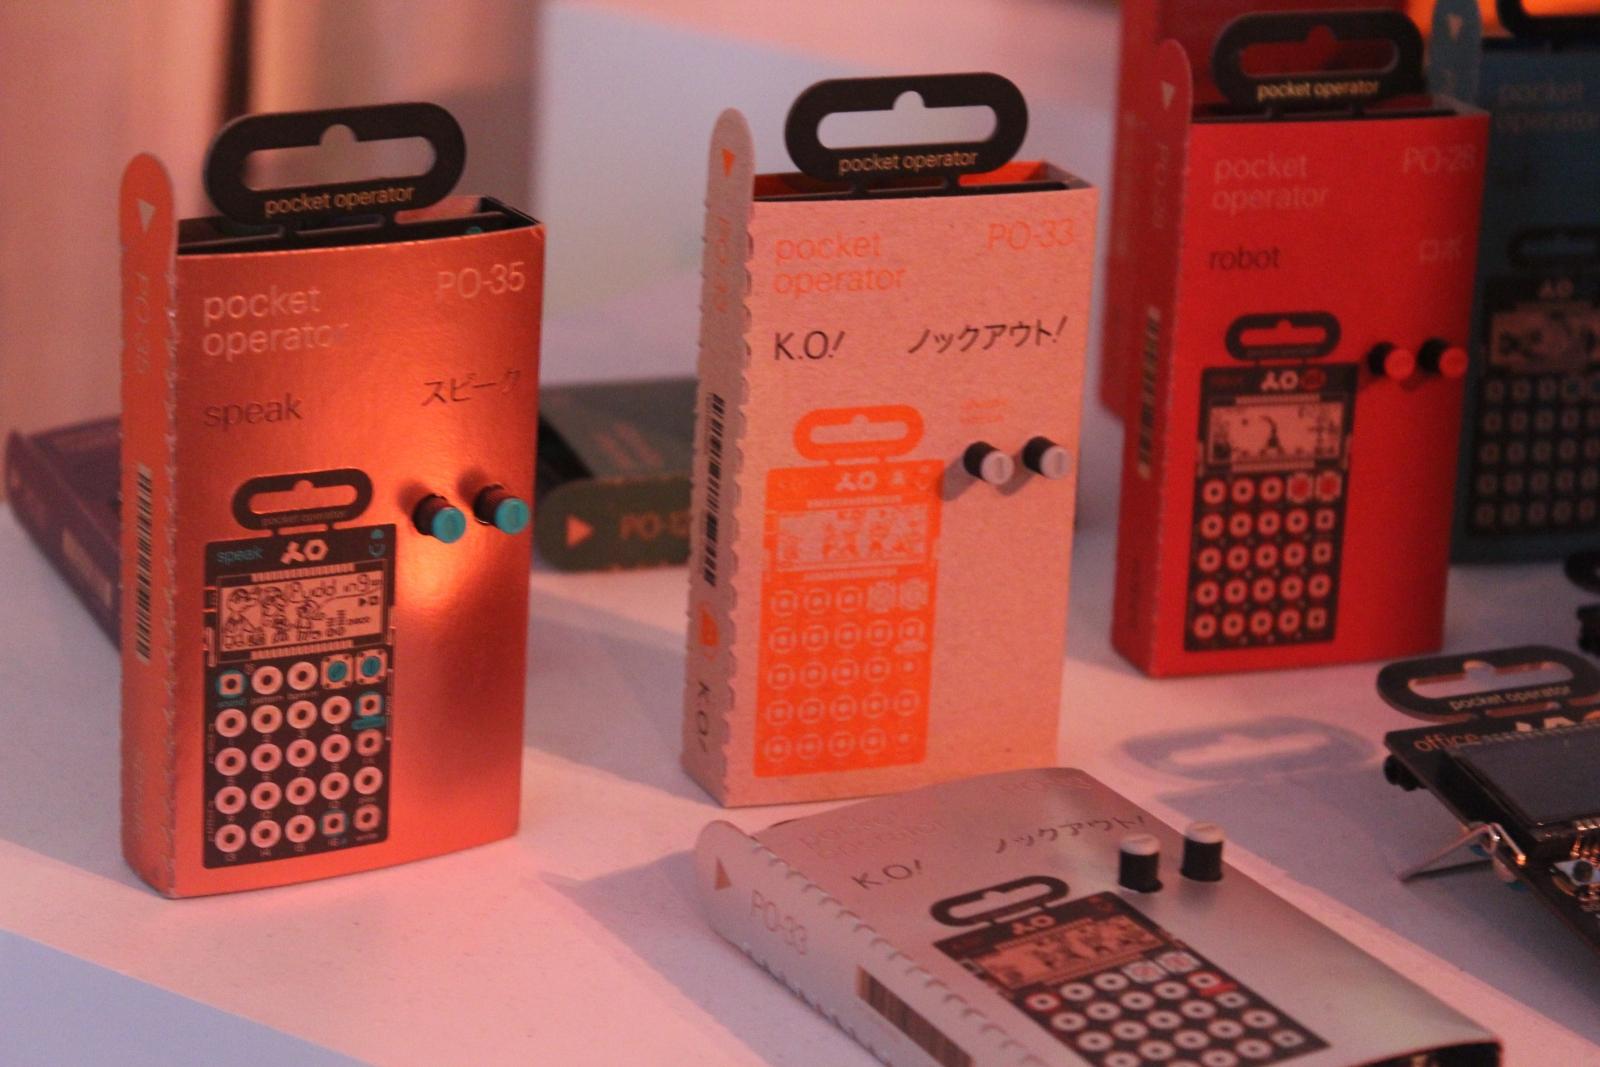 Pocket Operator Swedish Style Mumbai